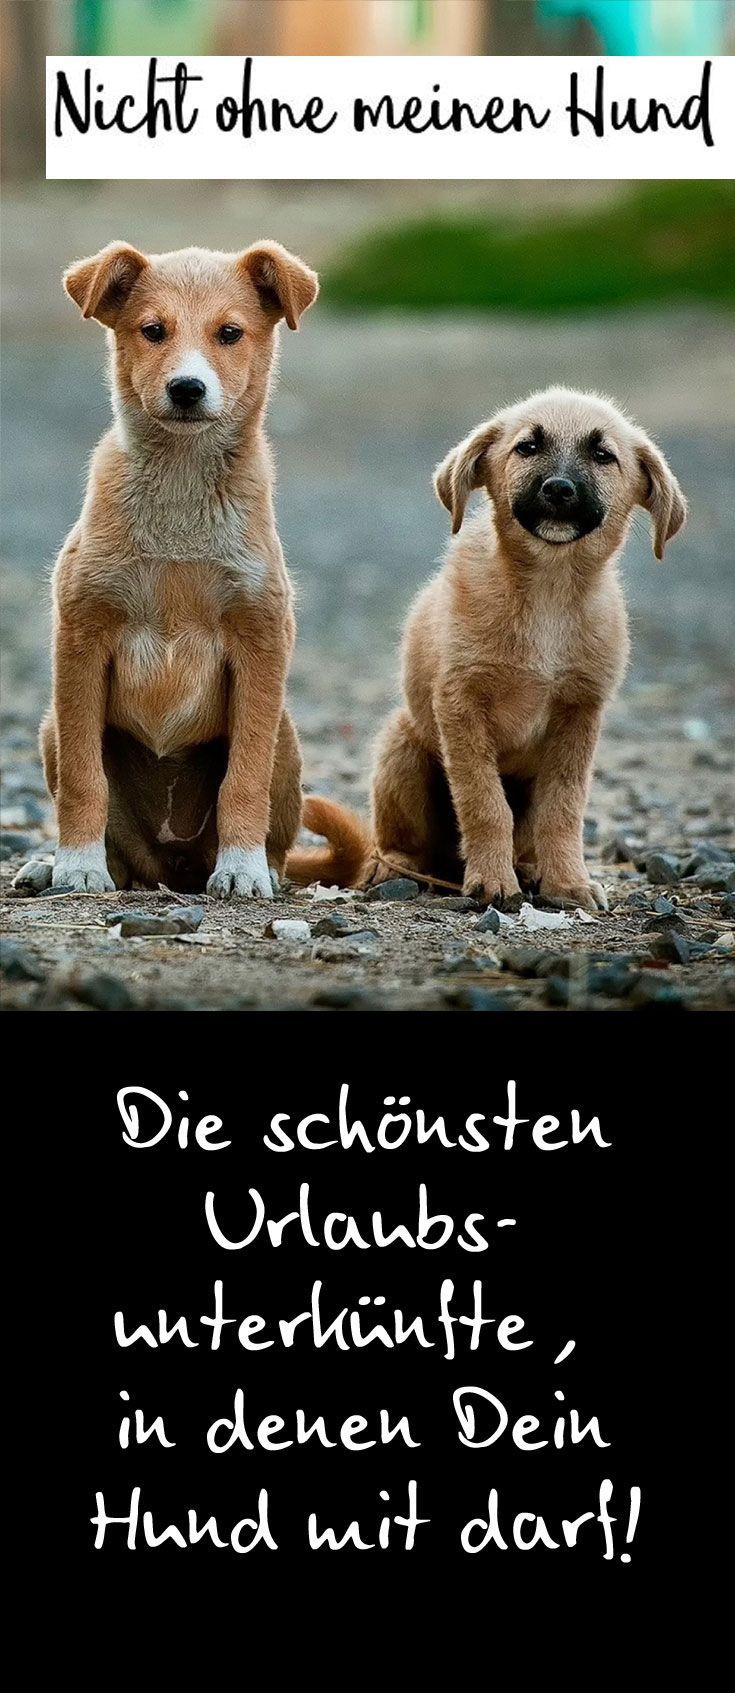 Entdecke tolle Urlaubsunterkünfte für Deinen Urlaub mit Hund! #urlaubmithund #… – nhaj.a